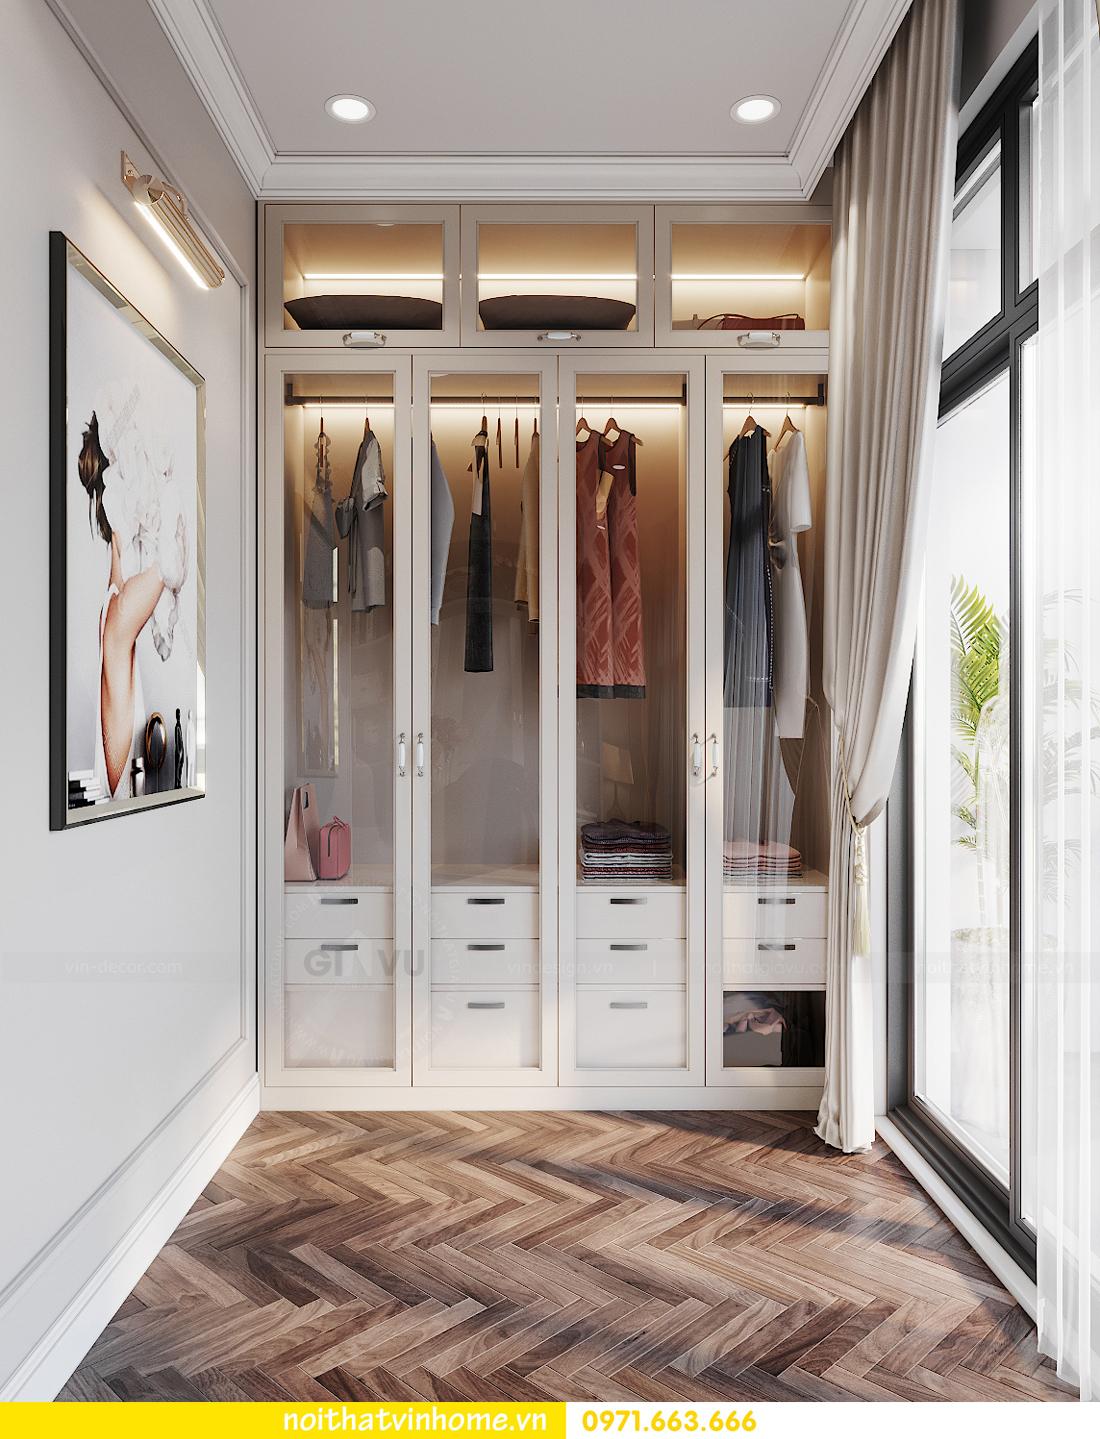 thiết kế thi công nội thất biệt thự liền kề Vinhomes OCean Park 8